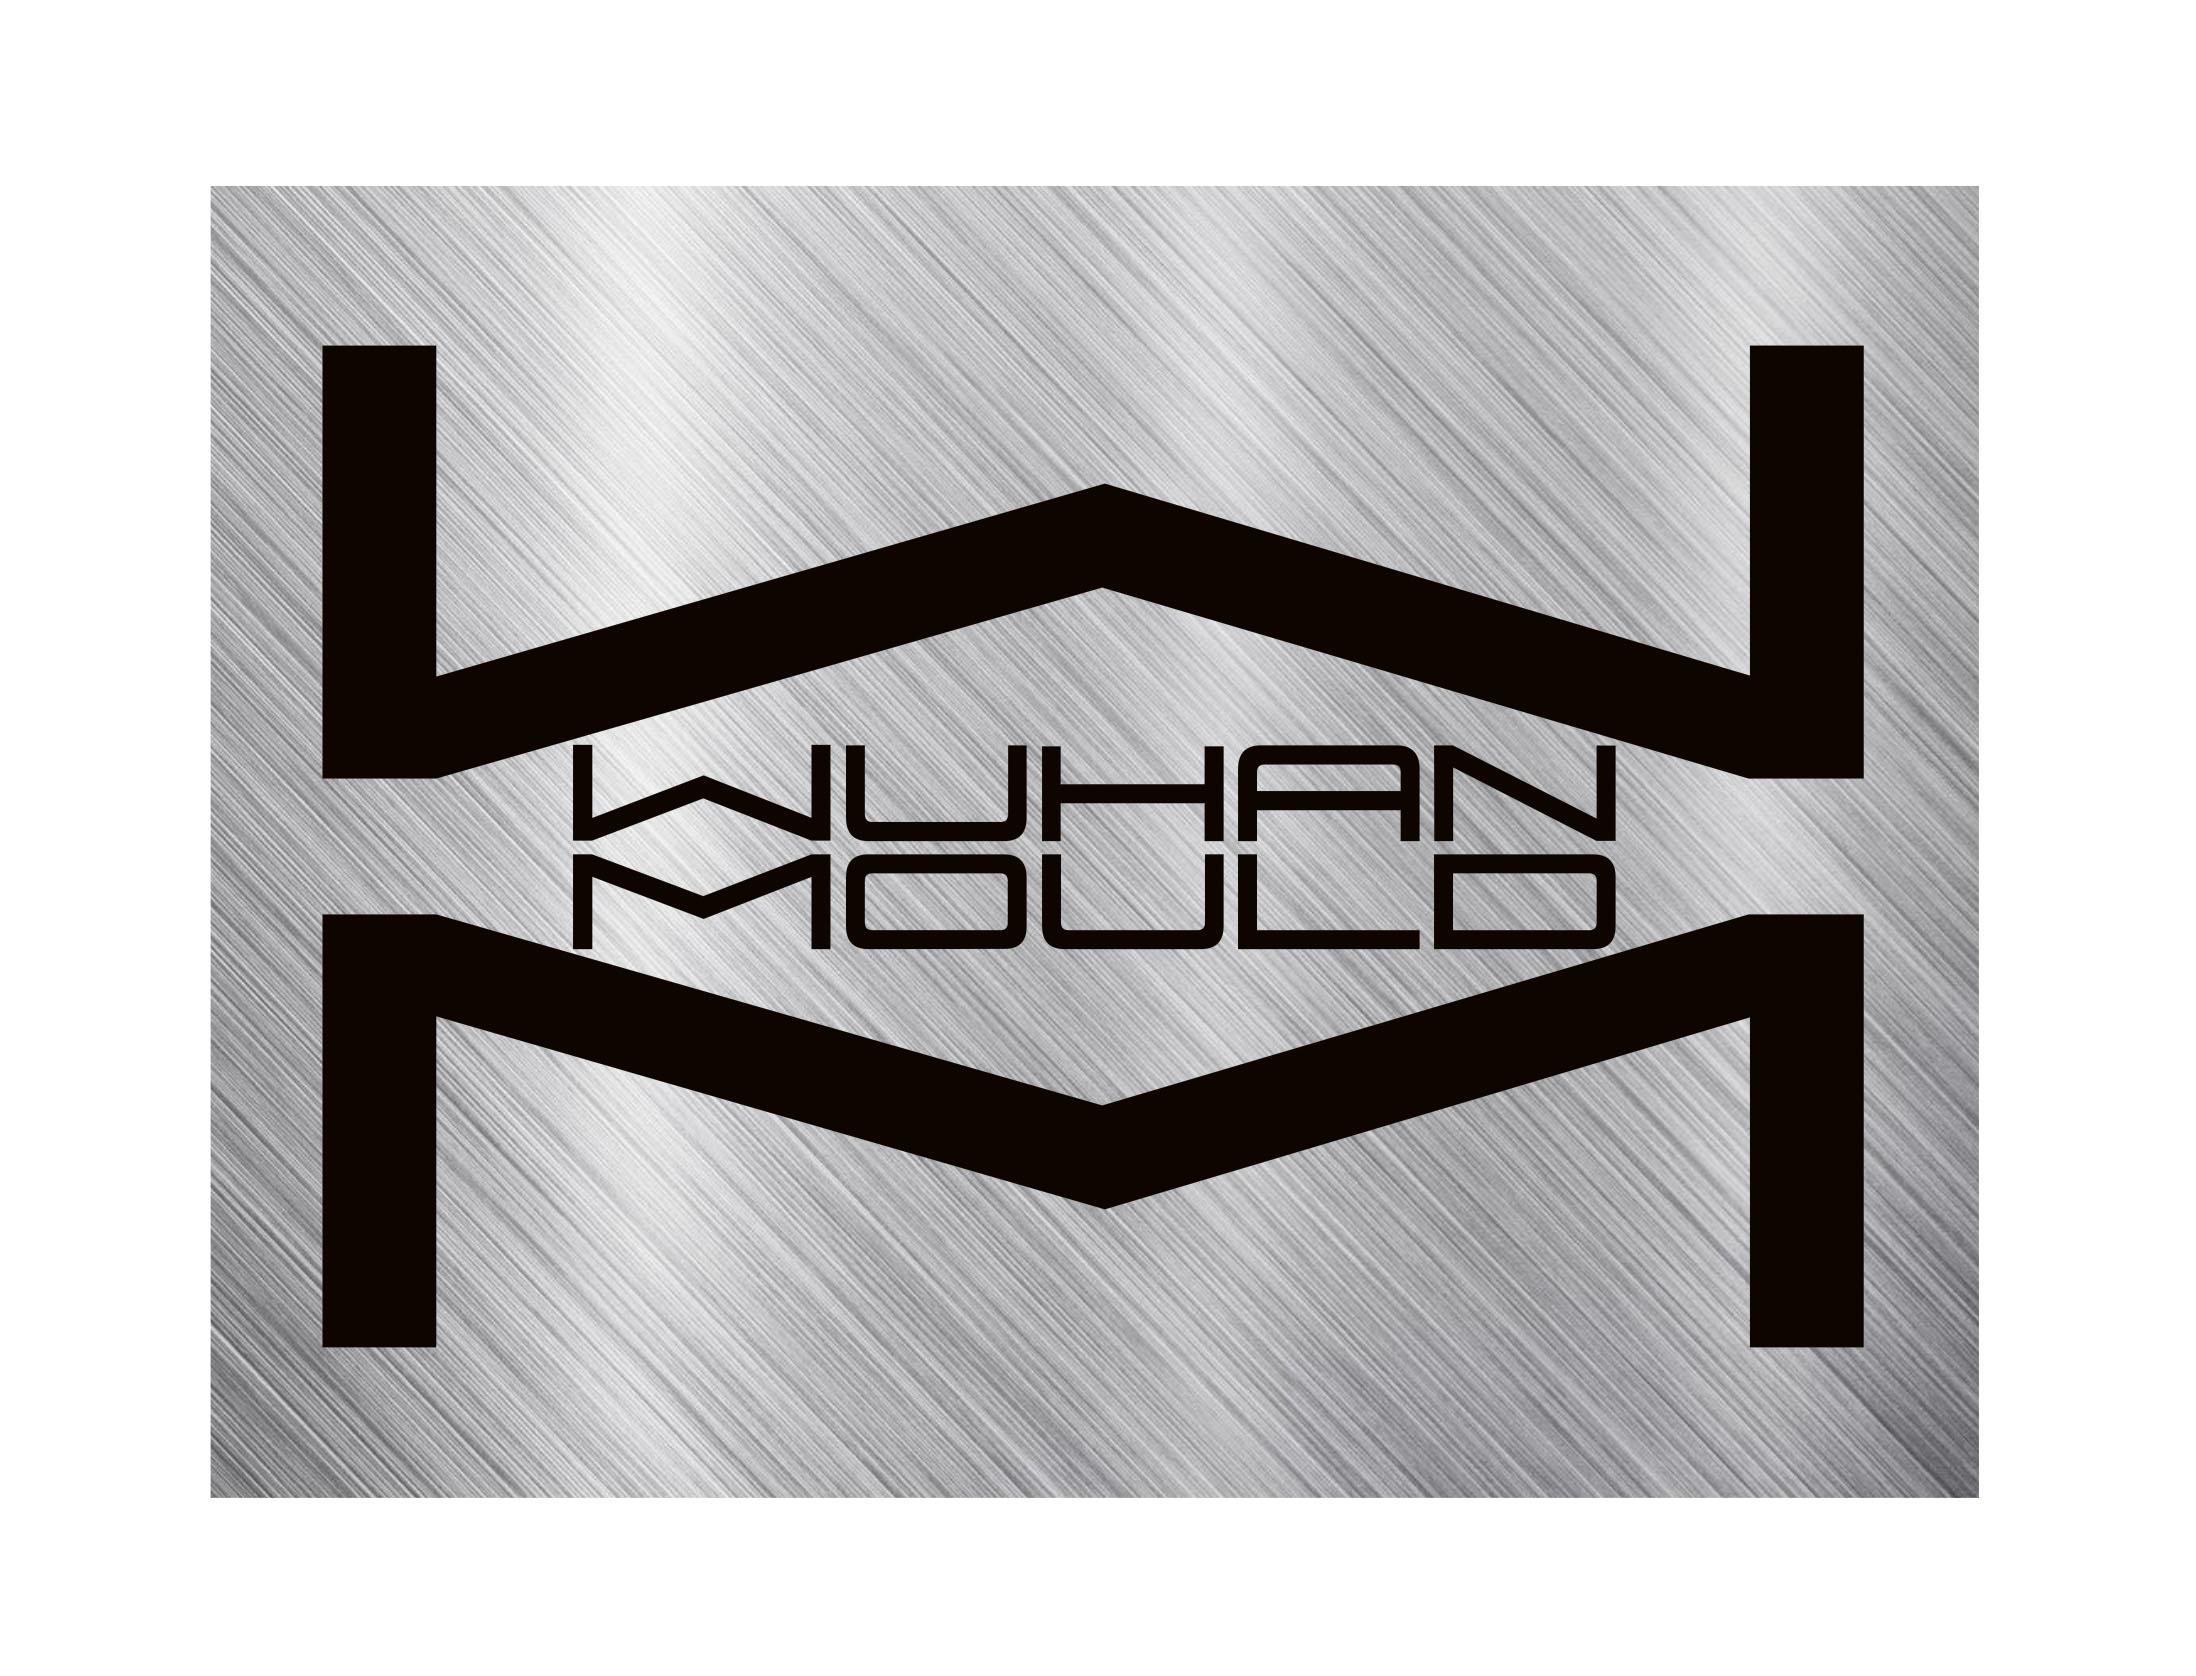 Создать логотип для фабрики пресс-форм фото f_099599b480f53f5f.jpg